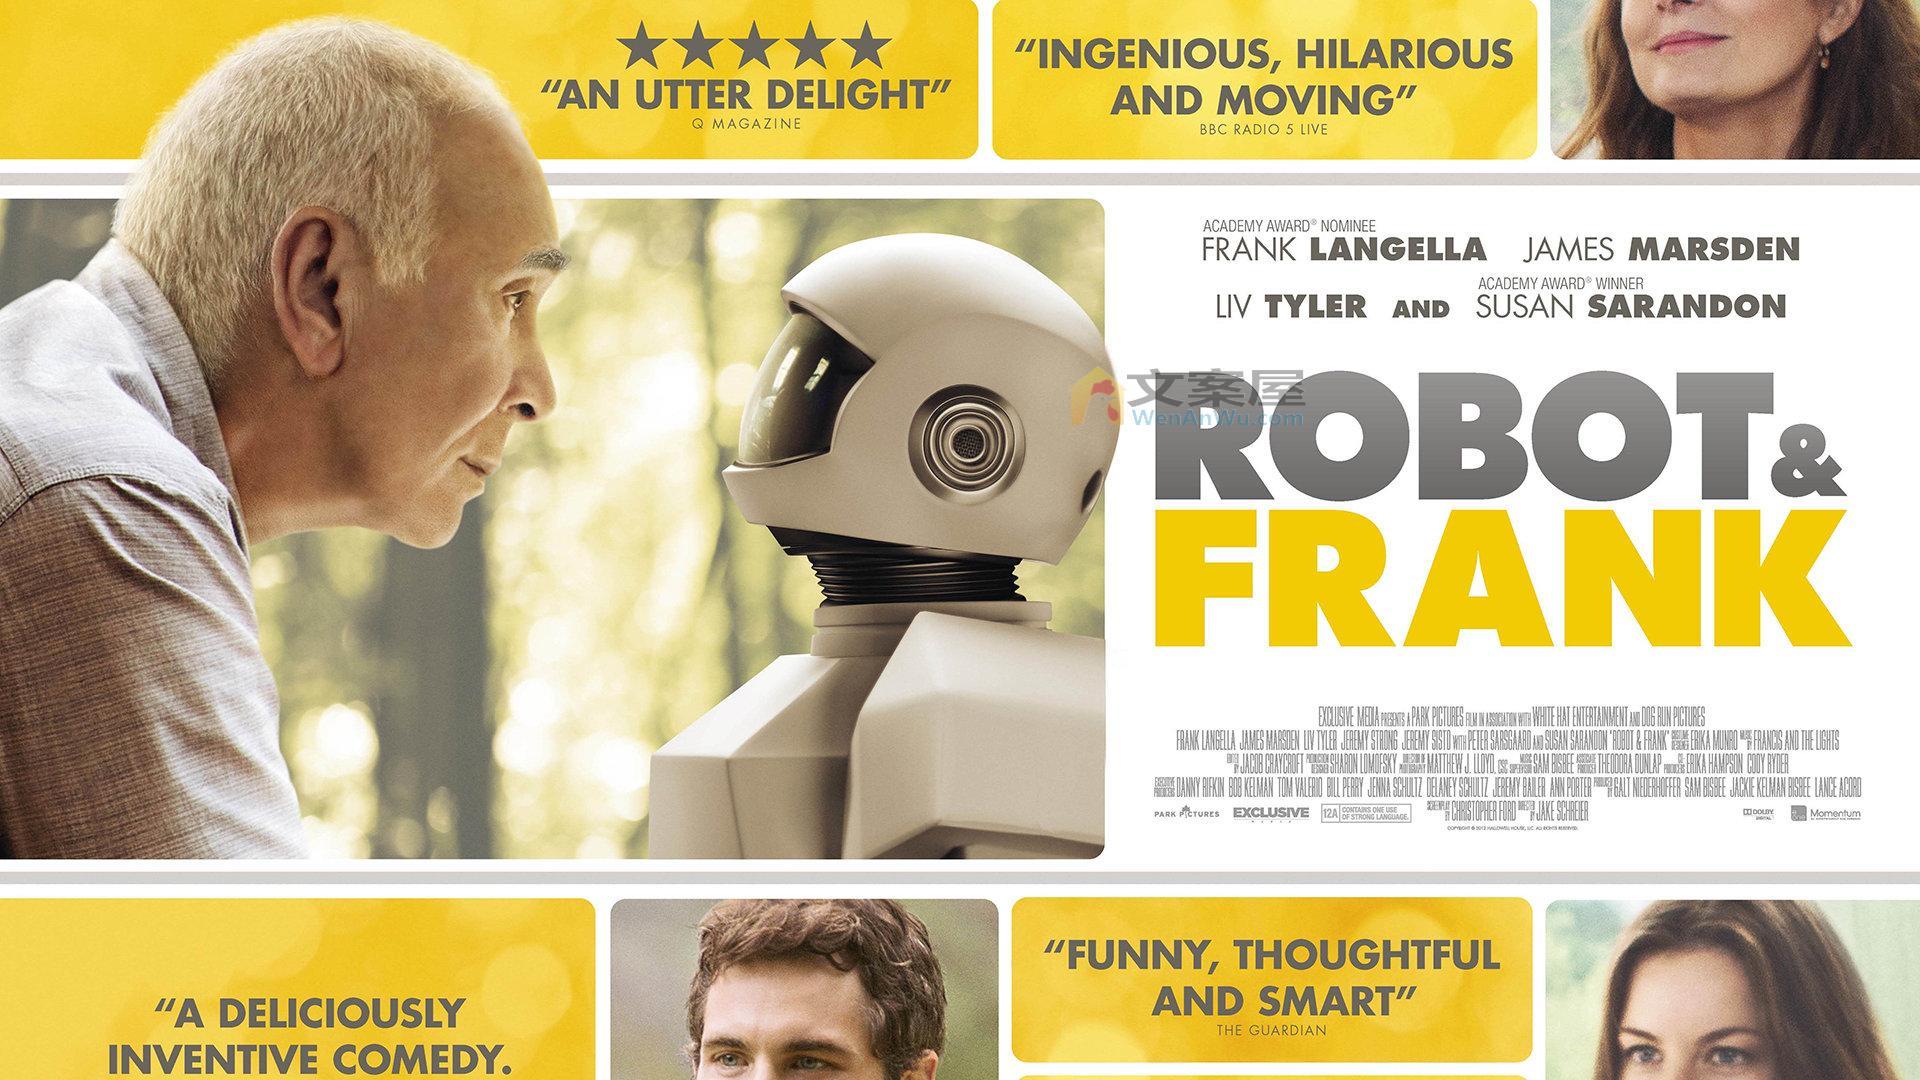 《弗兰克与机器人》电影解说文案